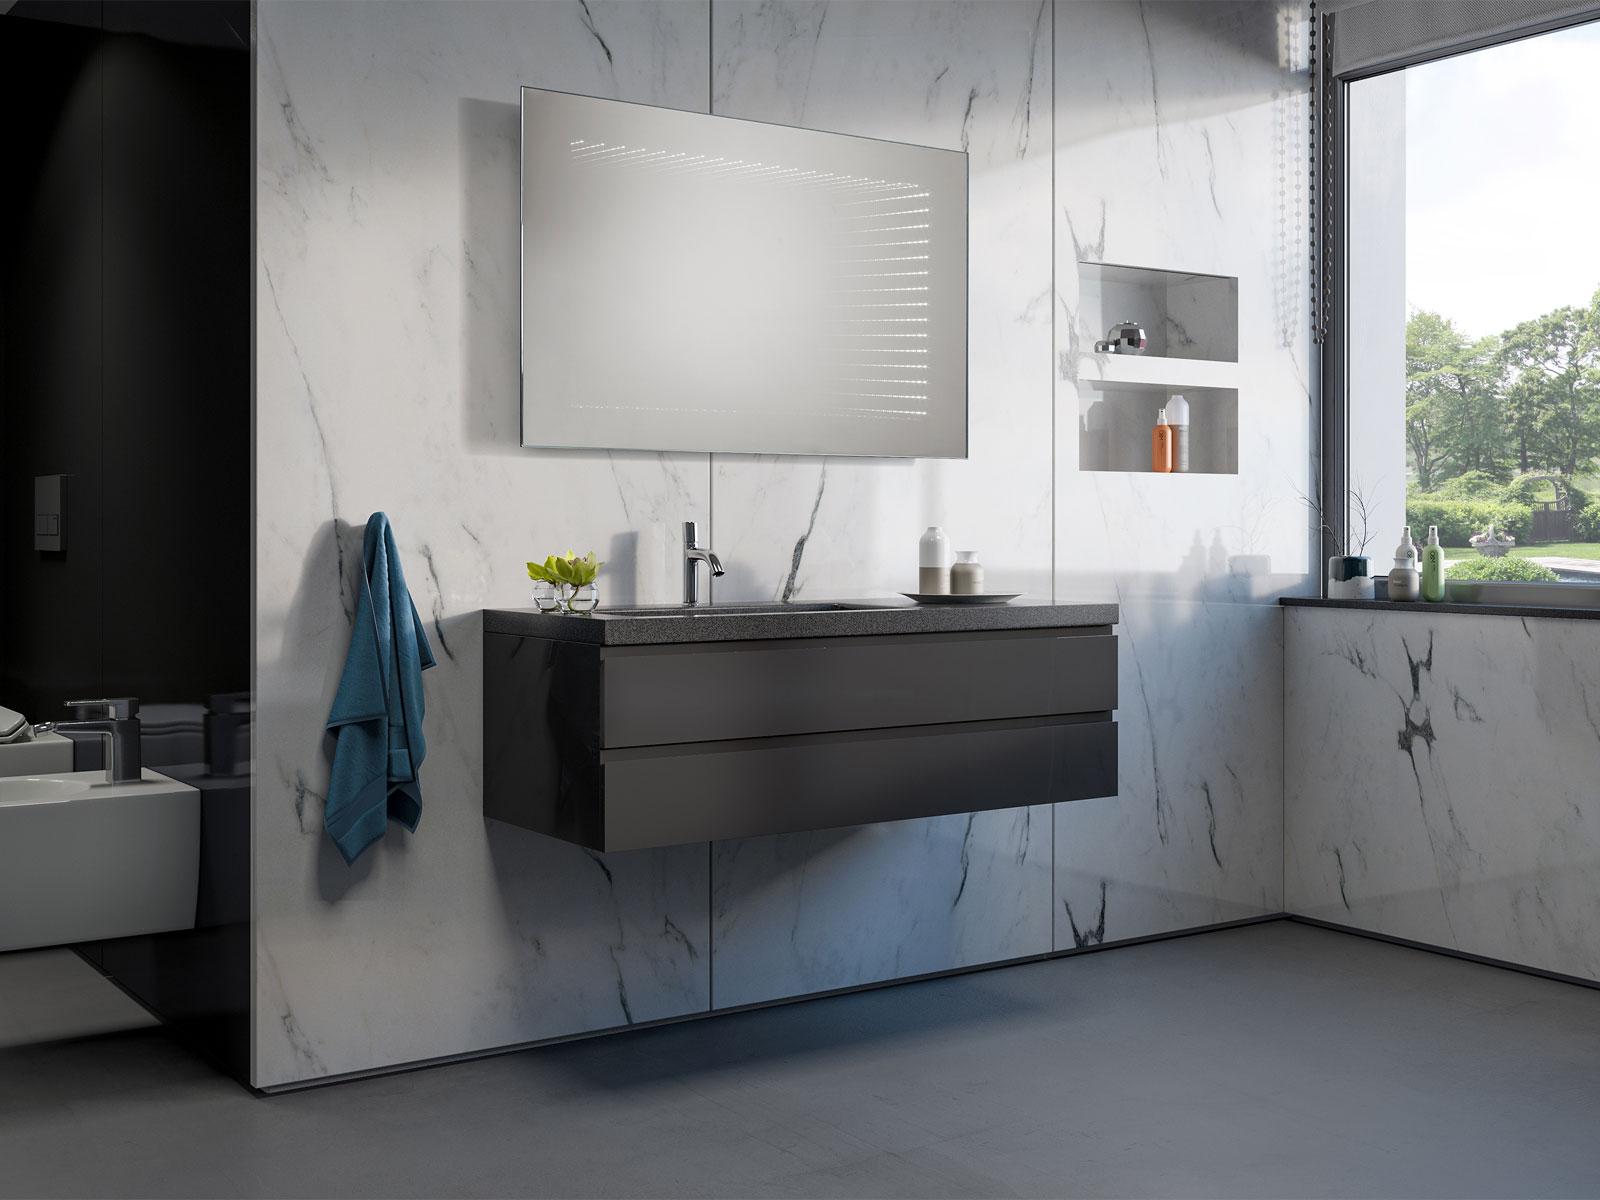 badspiegel 3d illusion led. Black Bedroom Furniture Sets. Home Design Ideas